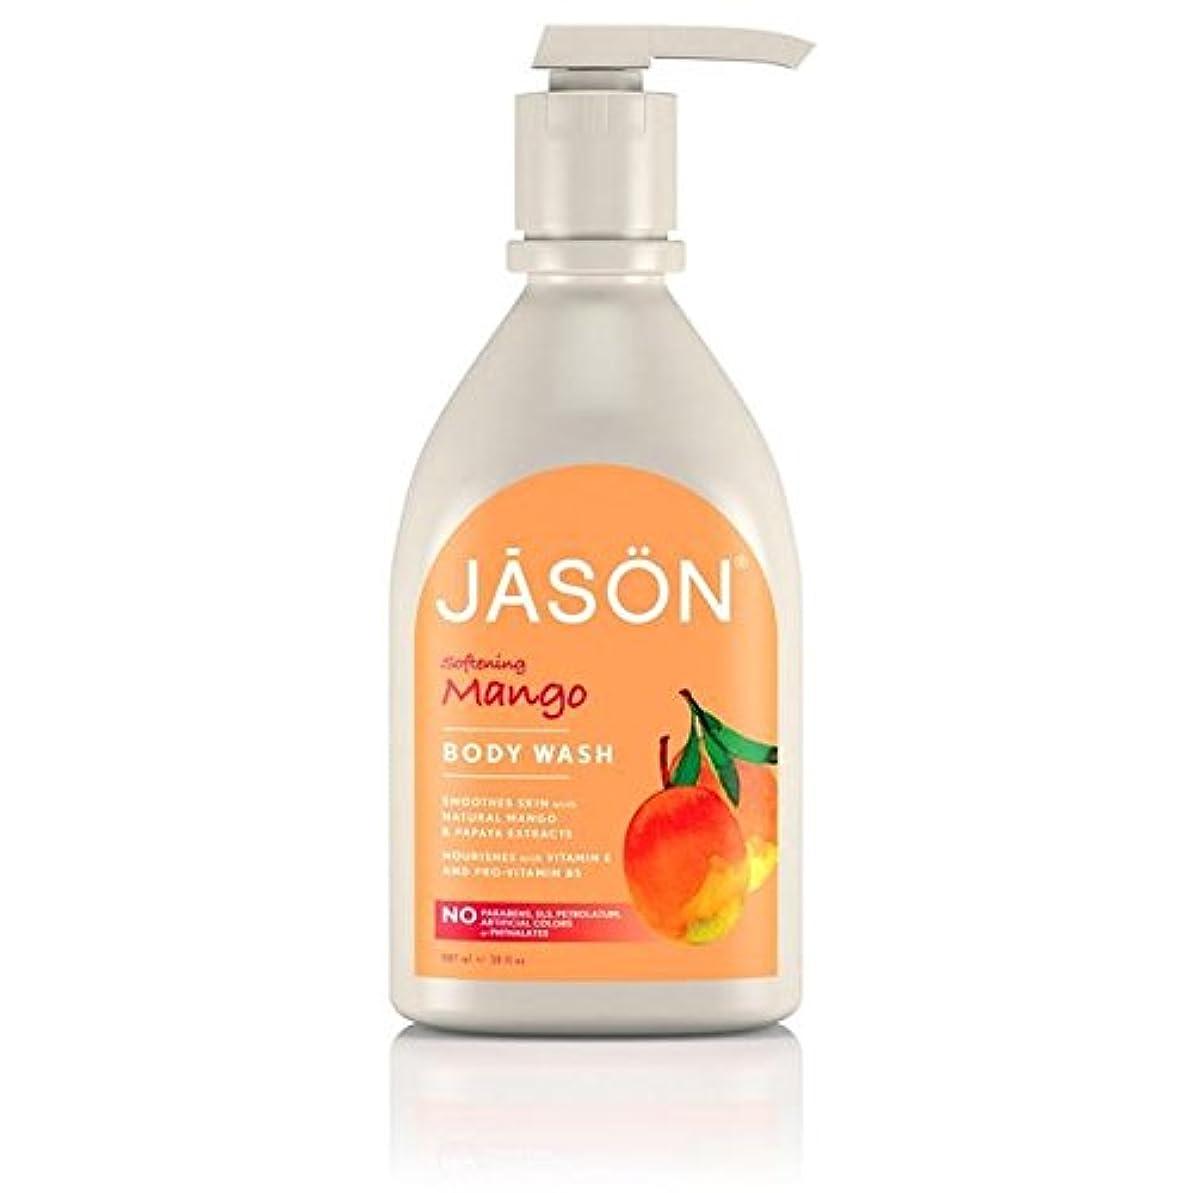 プレート規模妻Jason Mango Satin Body Wash Pump 900ml (Pack of 6) - ジェイソン?マンゴーサテンボディウォッシュポンプ900ミリリットル x6 [並行輸入品]